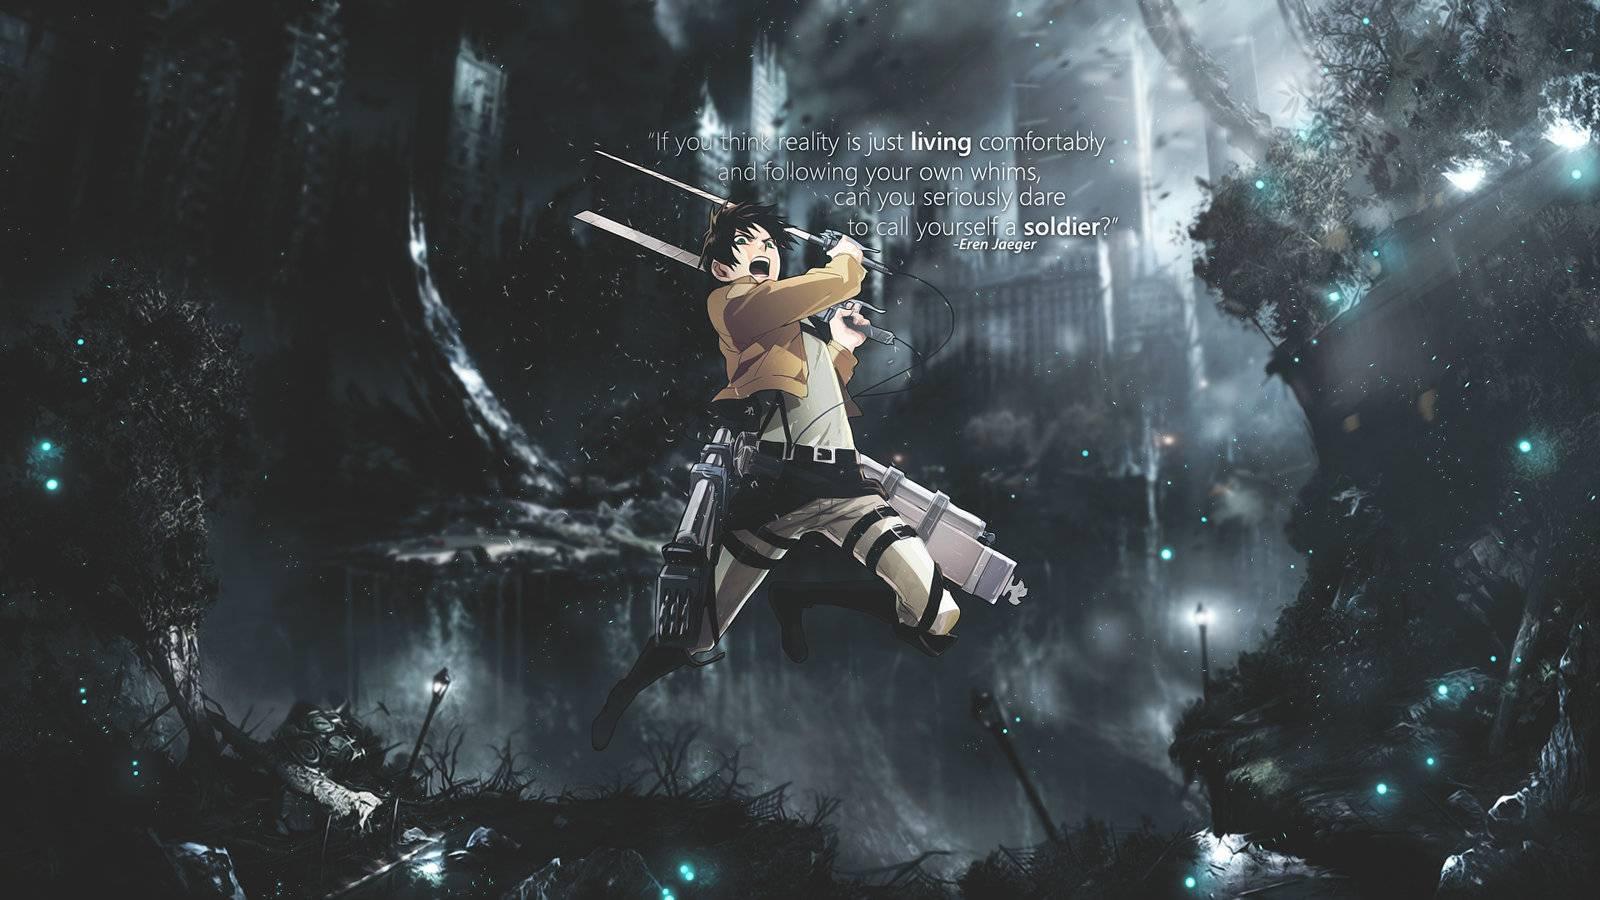 eren jaeger quote Attack on Titan Wallpaper 1600x900